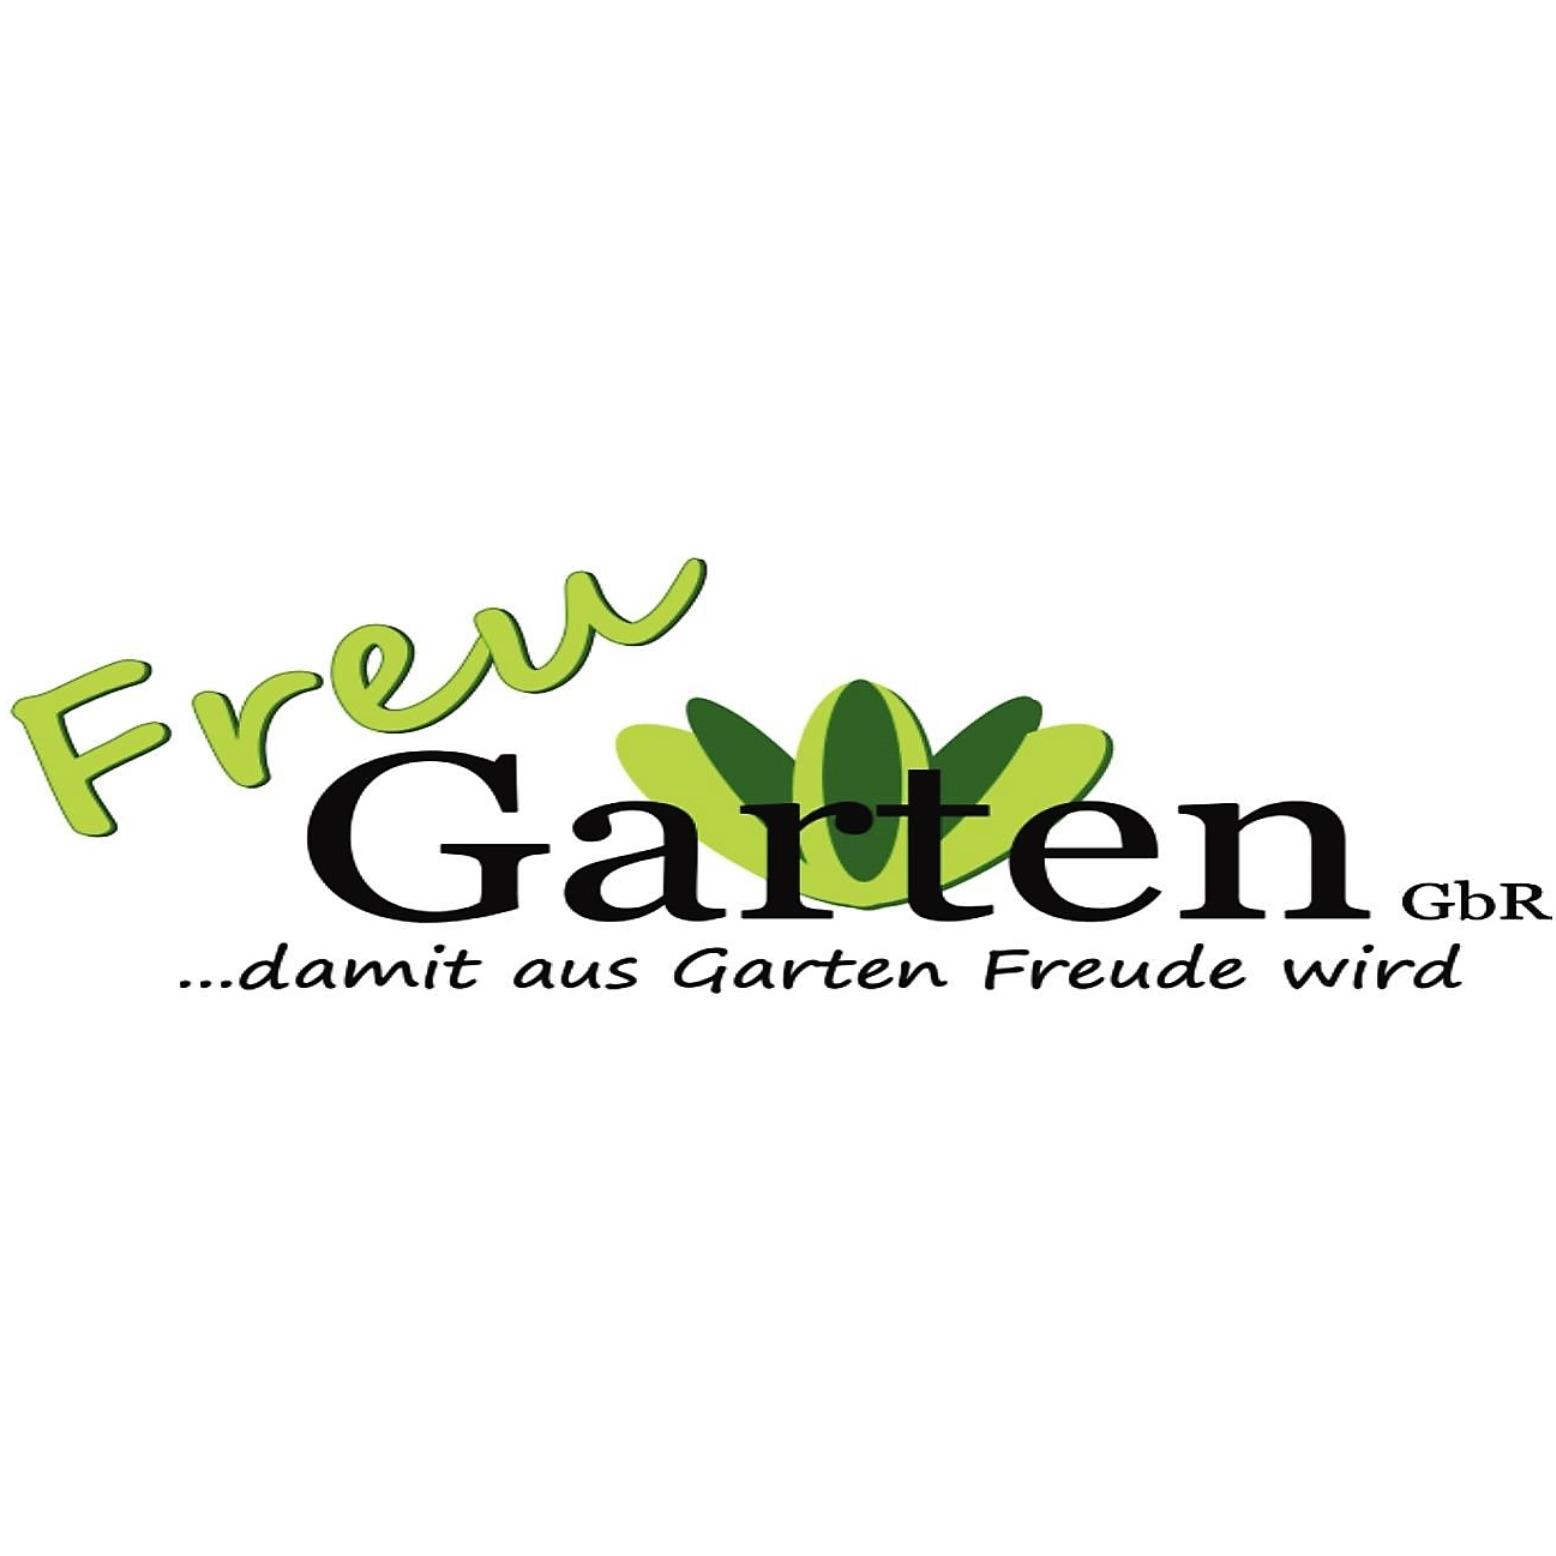 Freu Garten GbR